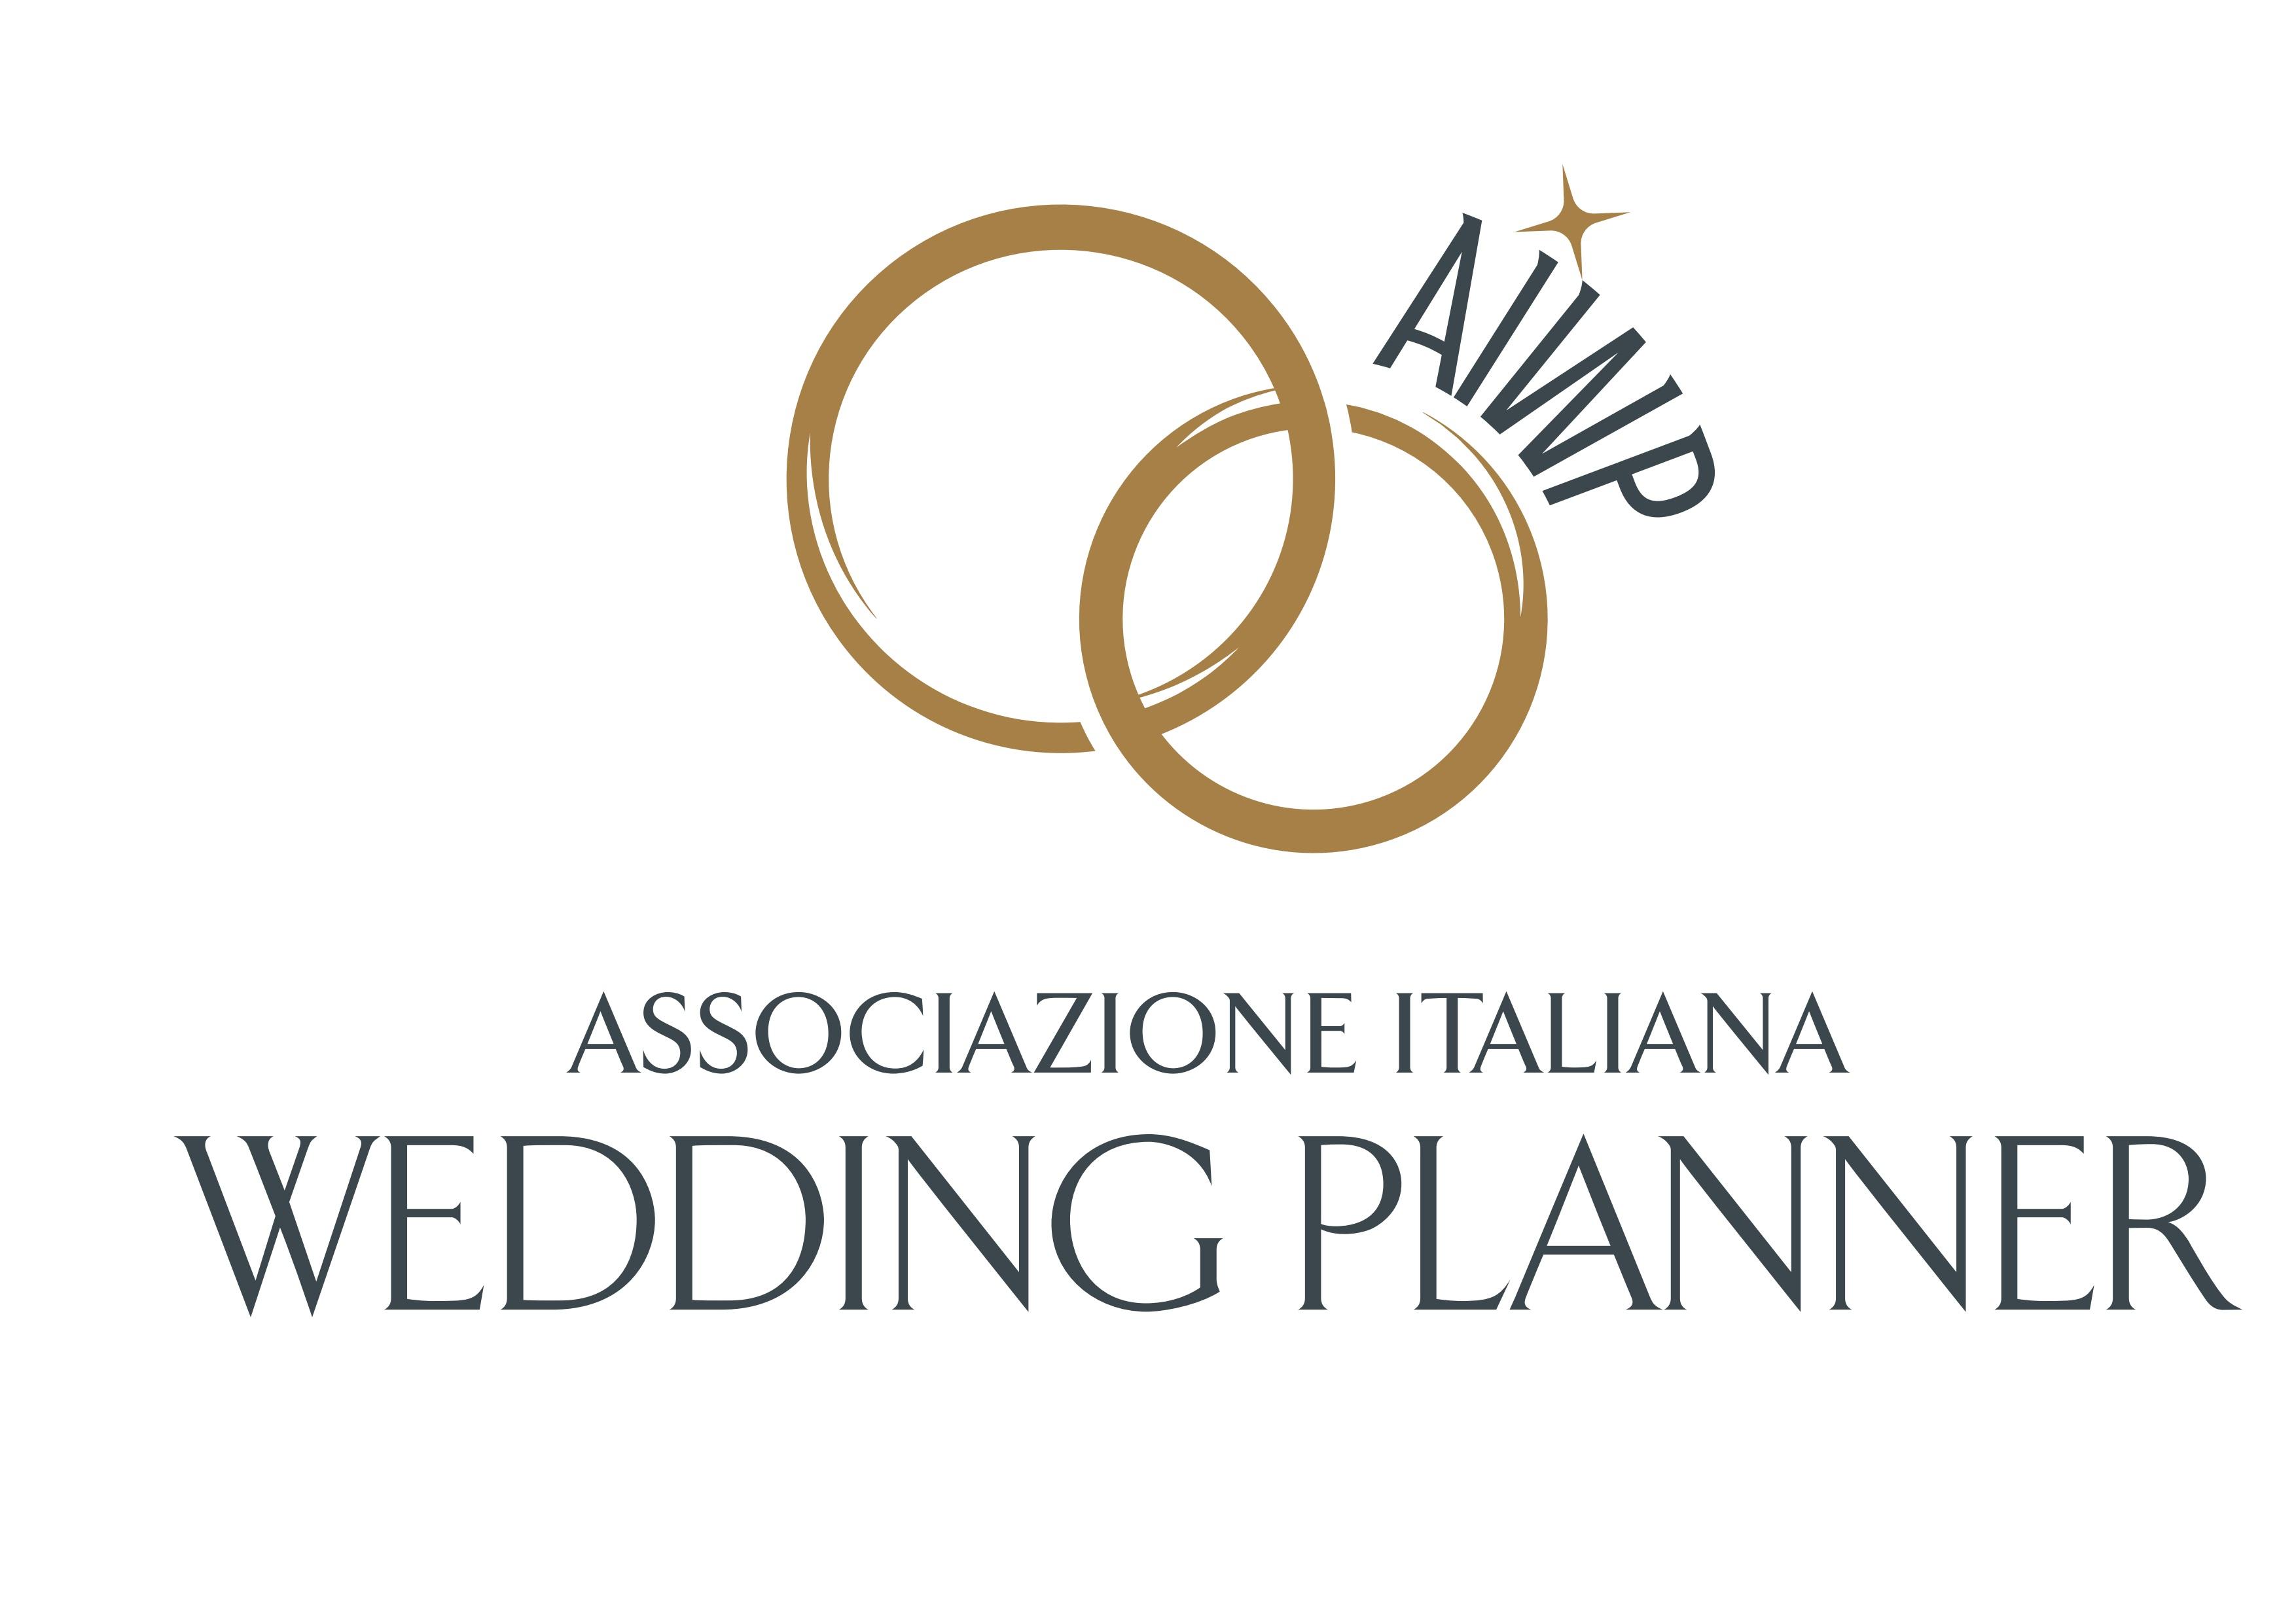 Membro associazione Italiana wedding planner